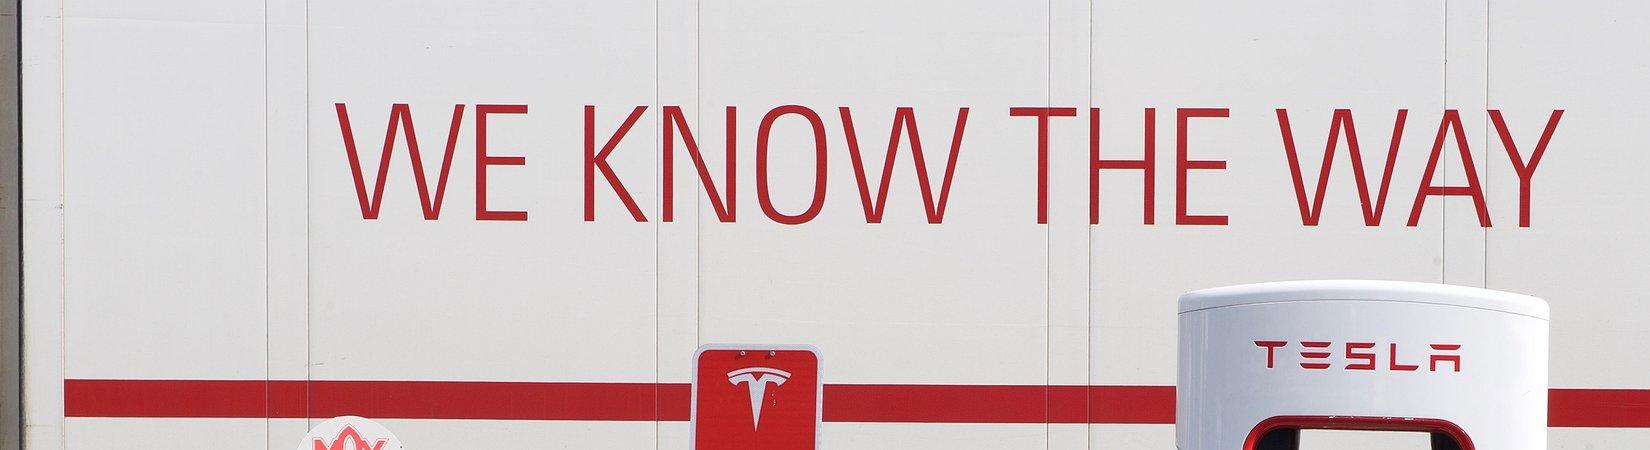 Las acciones de Tesla se convierten en unas de las peores del NASDAQ